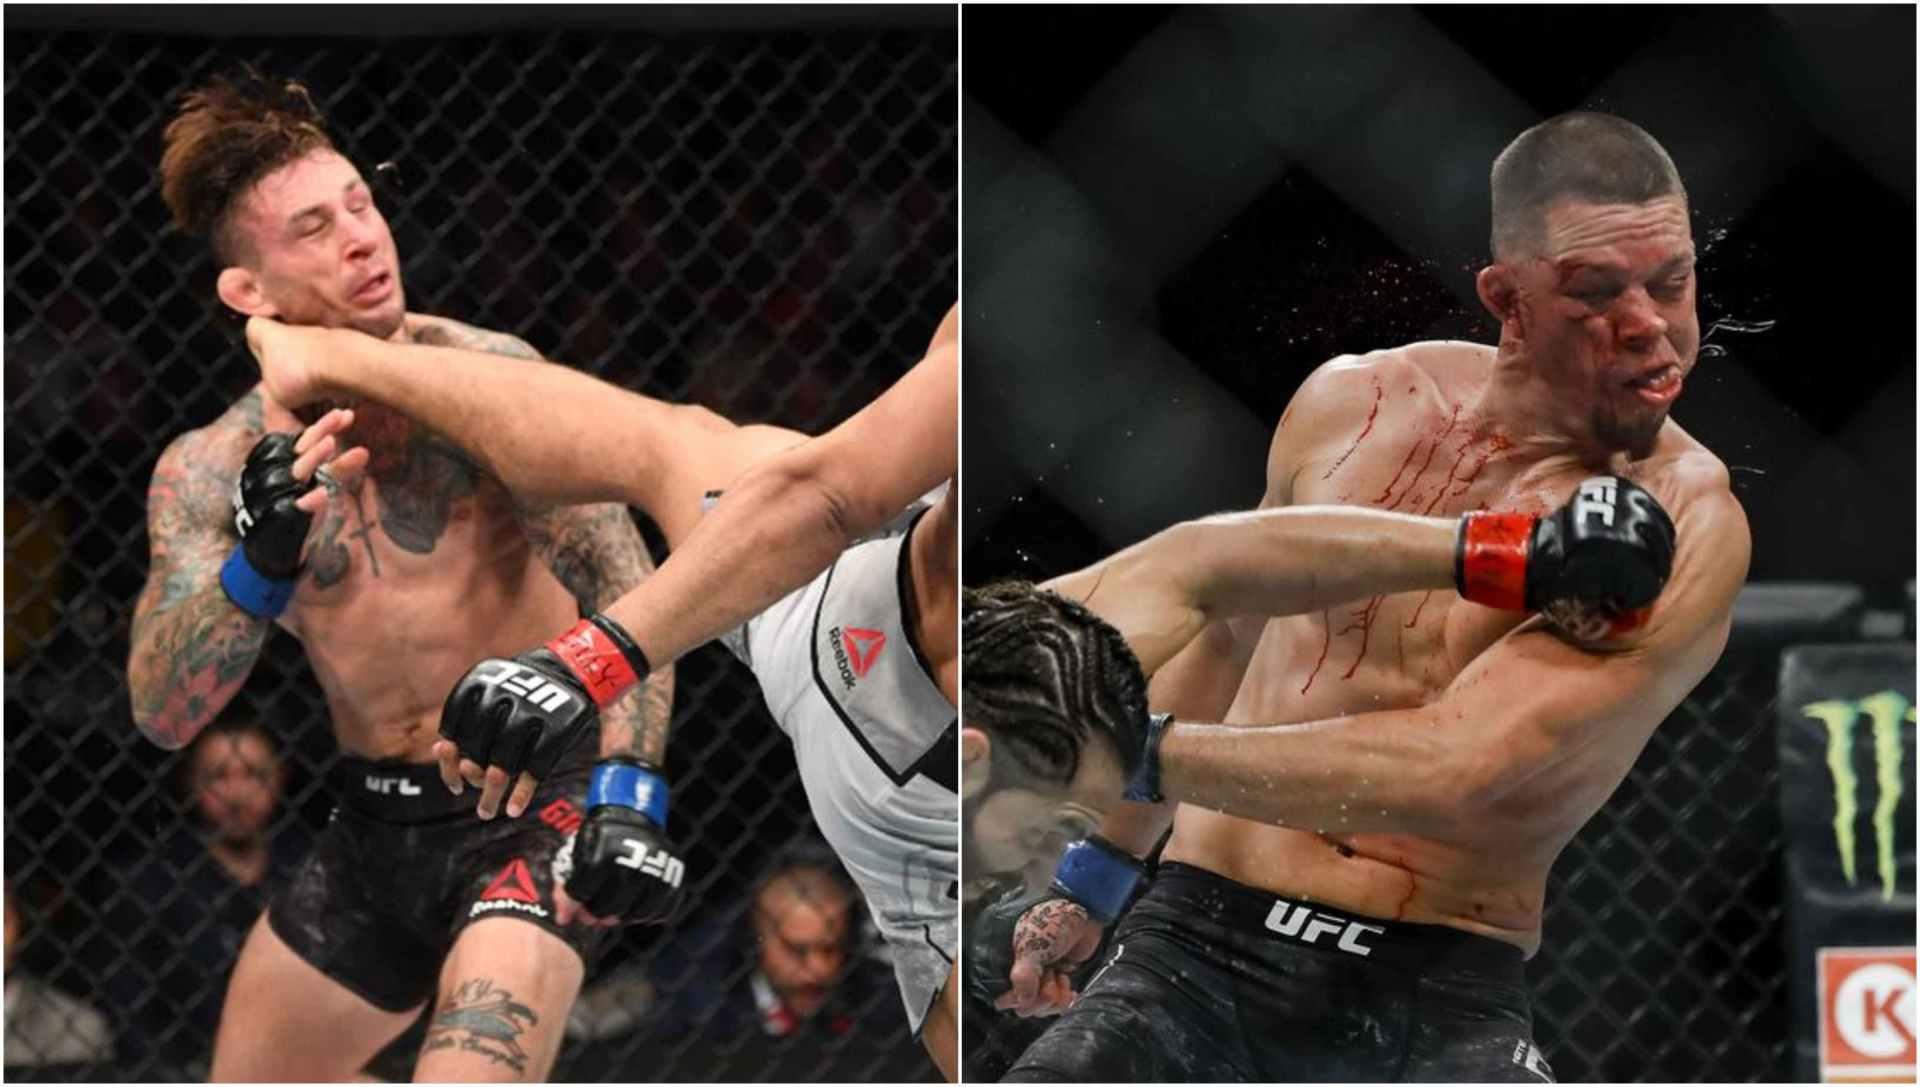 Nate Diaz, Gregor Gillespie facing 90 days suspension after UFC 244 fight - Diaz